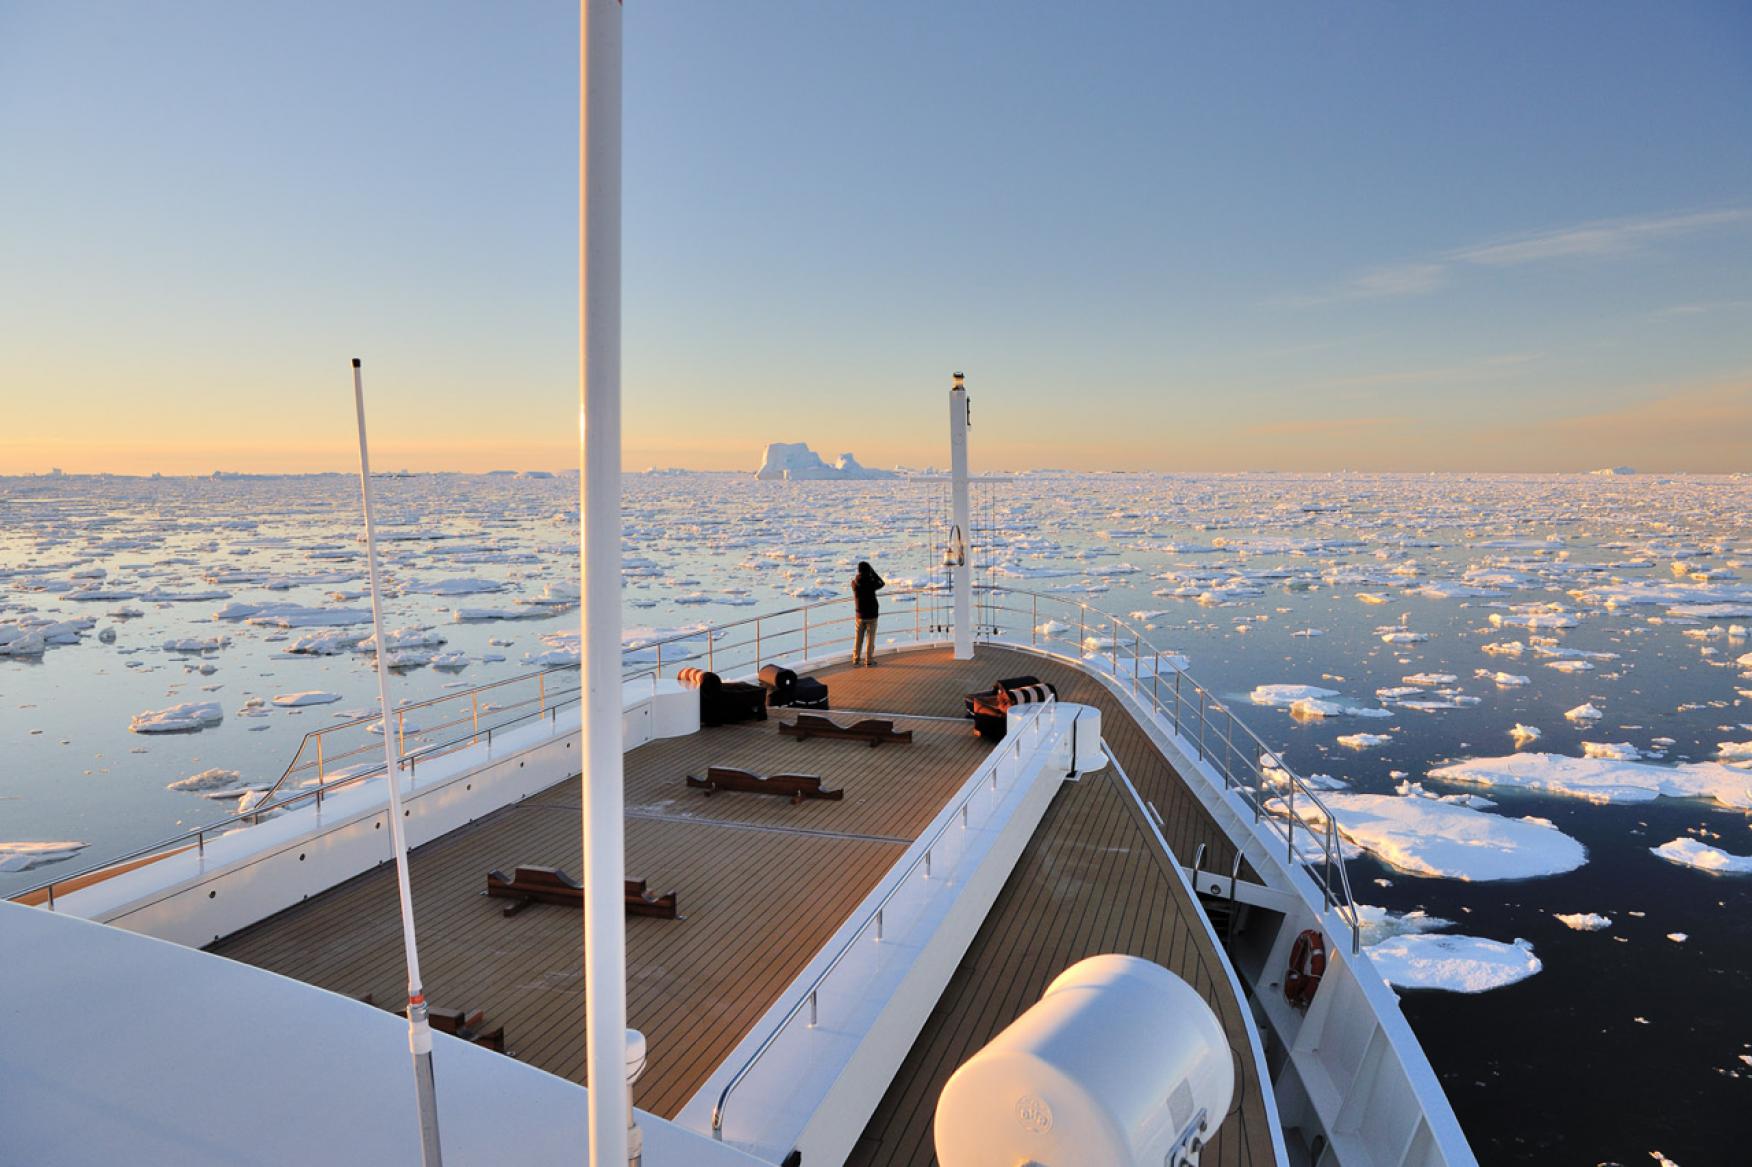 antarctica-expedition-my-legend